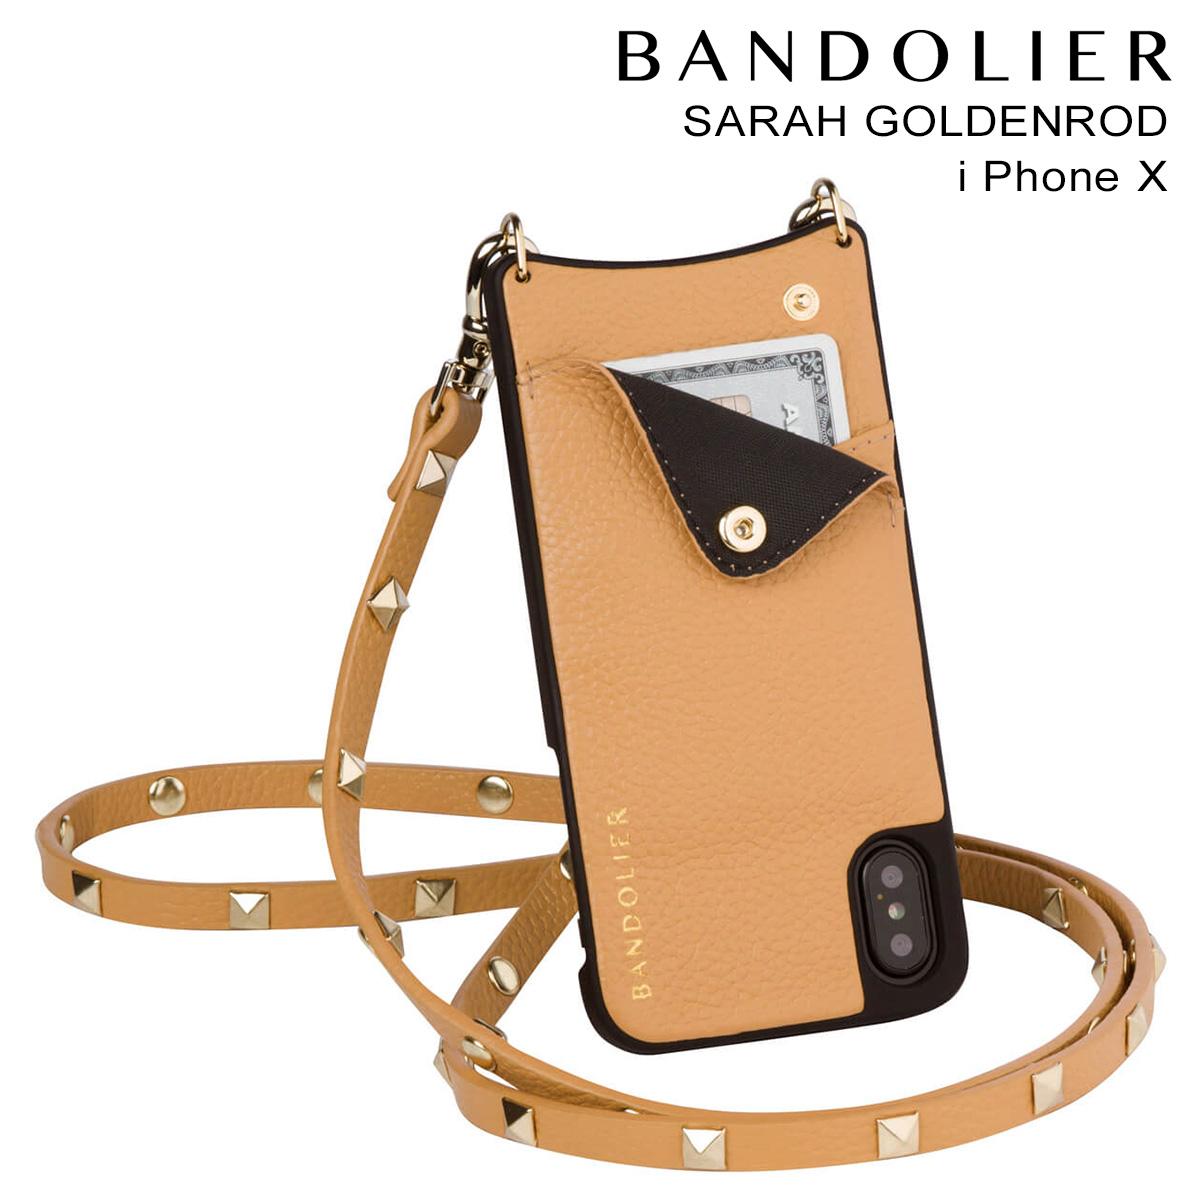 バンドリヤー BANDOLIER iPhoneX ケース スマホ アイフォン SARAH GOLDENROD レザー メンズ レディース